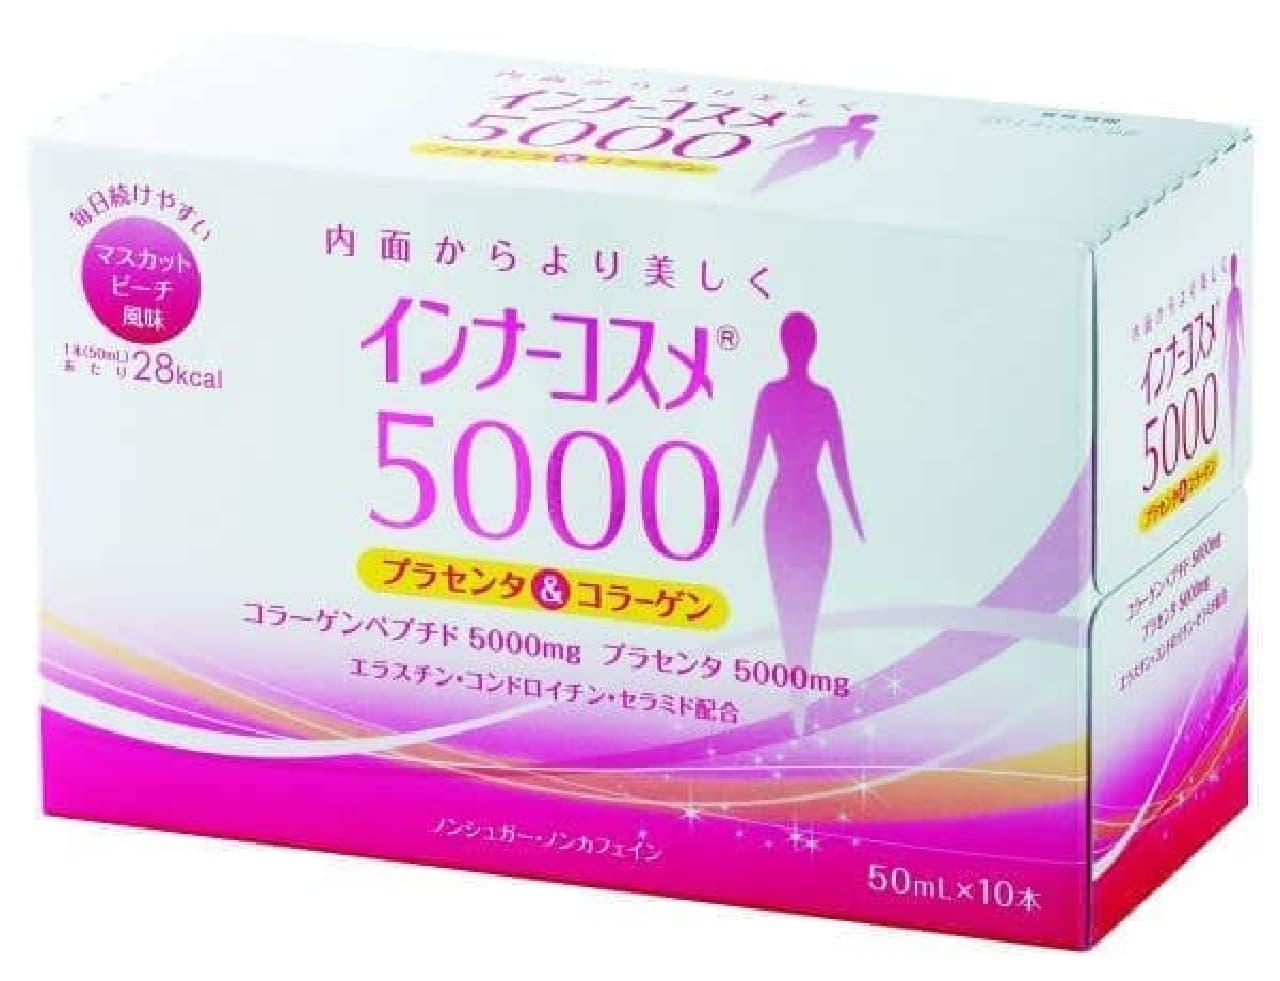 インナーコスメ5000のパッケージ  一本あたり28キロカロリーという文字が実に心強い!